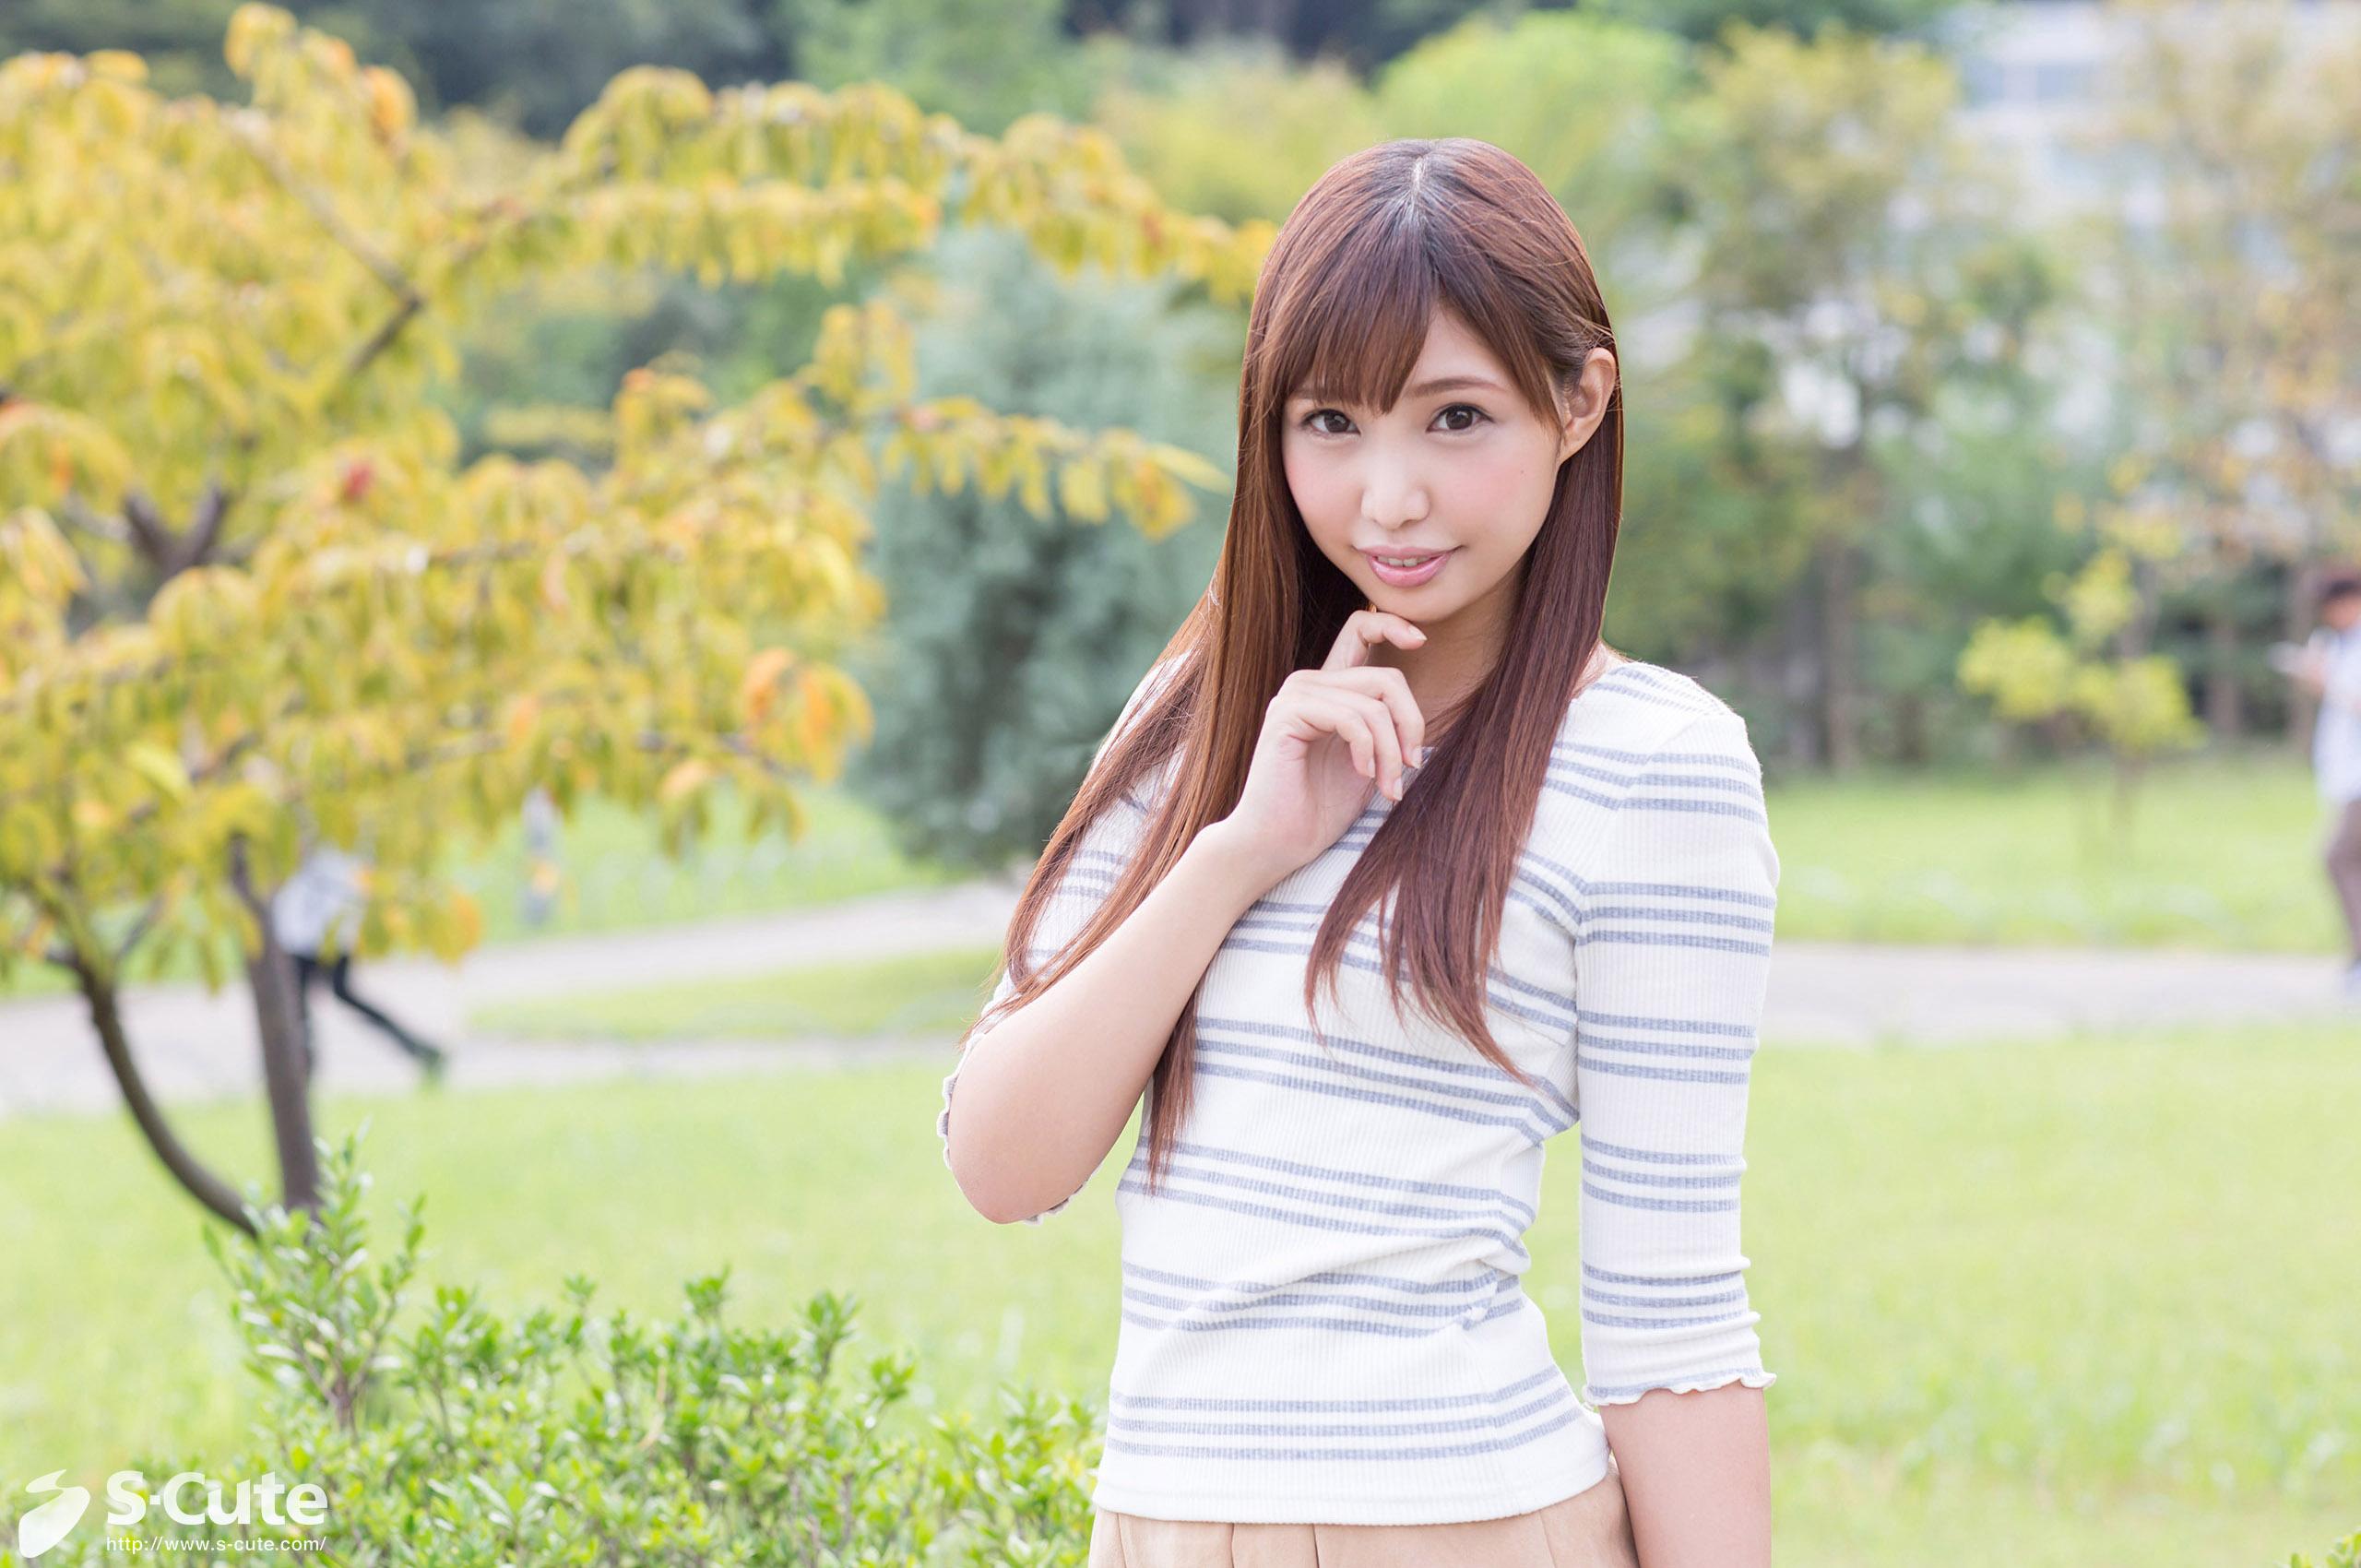 [S-Cute] 2017.01.04 No.493 Nao #1 照れ屋彼女積極的H [47P21.94MB] 493_nao_01-001-jpg